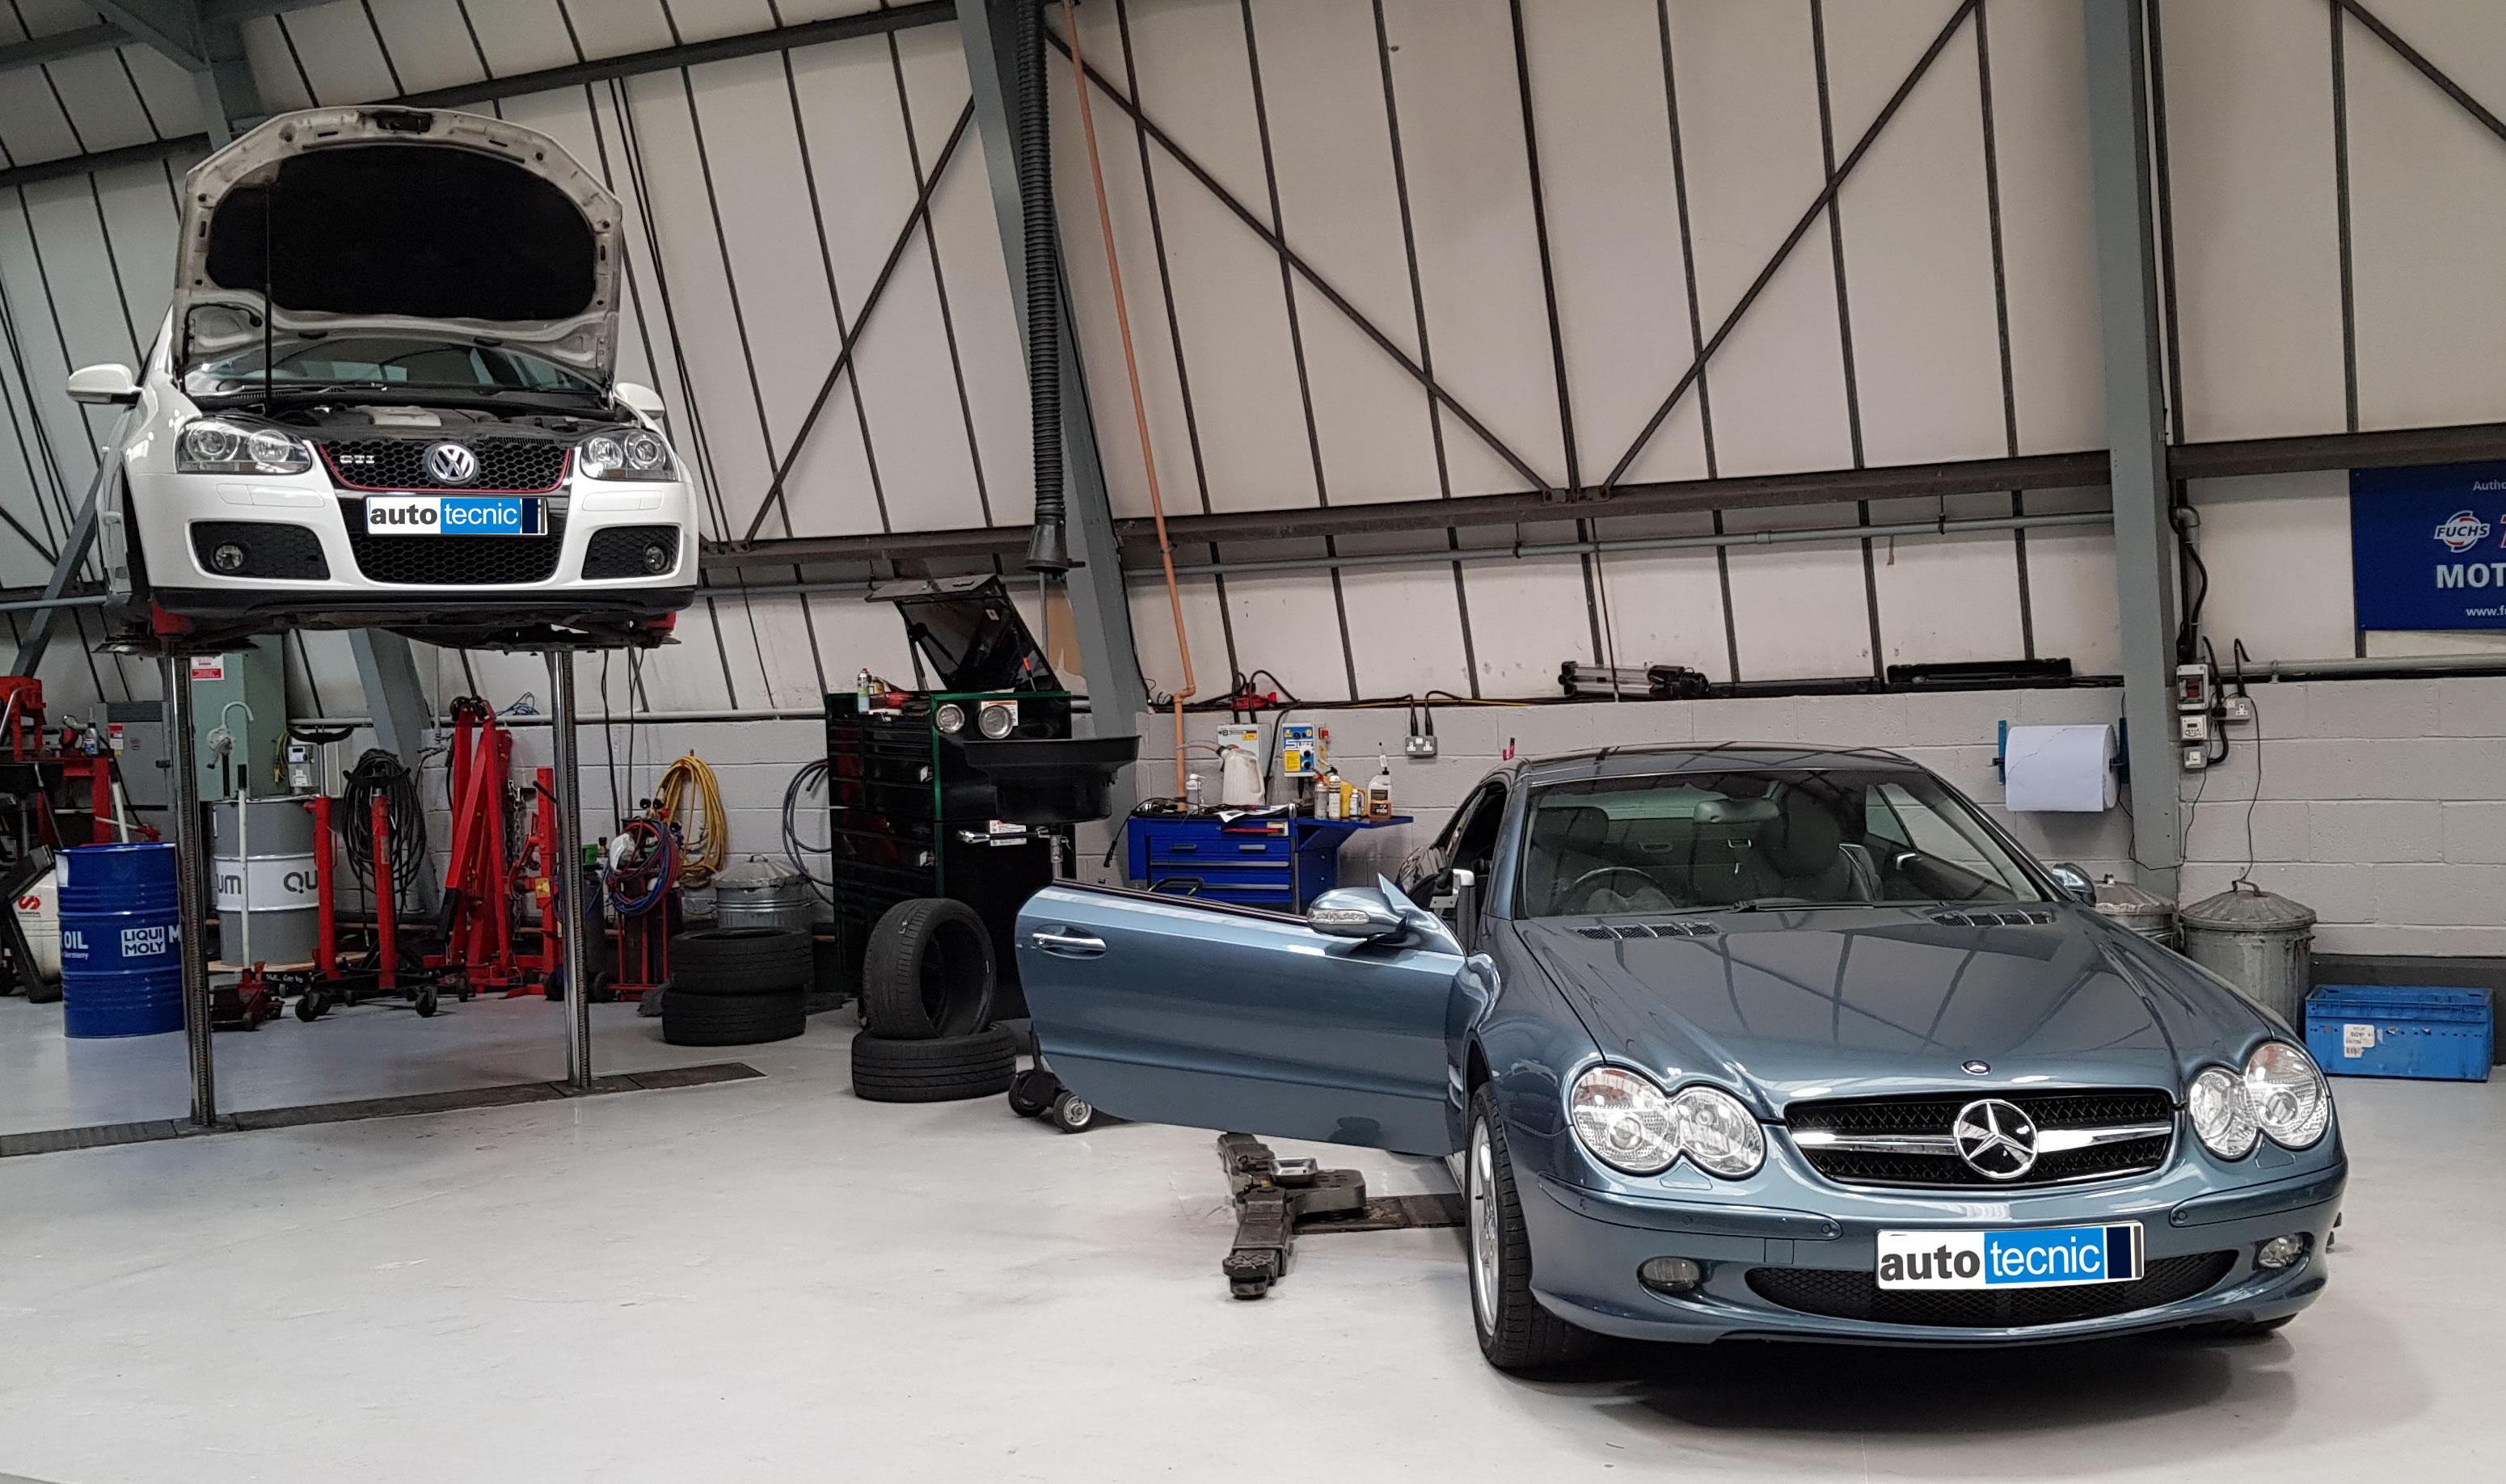 autotecnic - workshop - VW GTi - Mercedes Benz